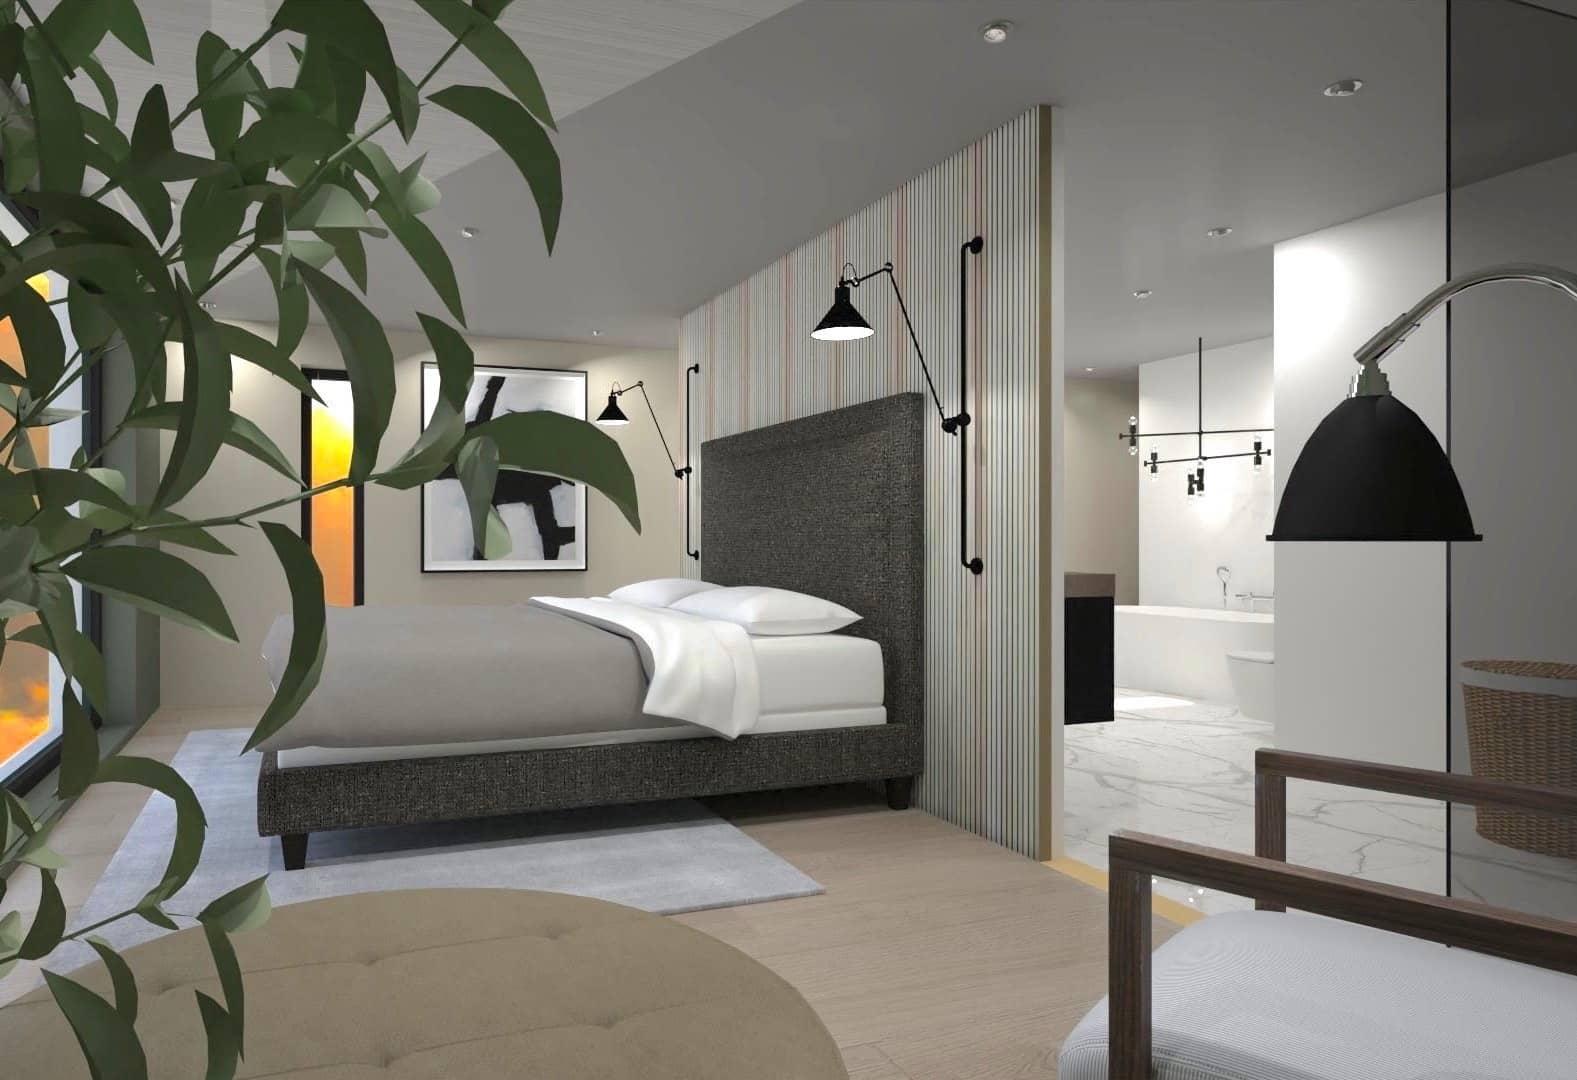 Interior design, Bed, Building, Bedroom, Property, Furniture, Room